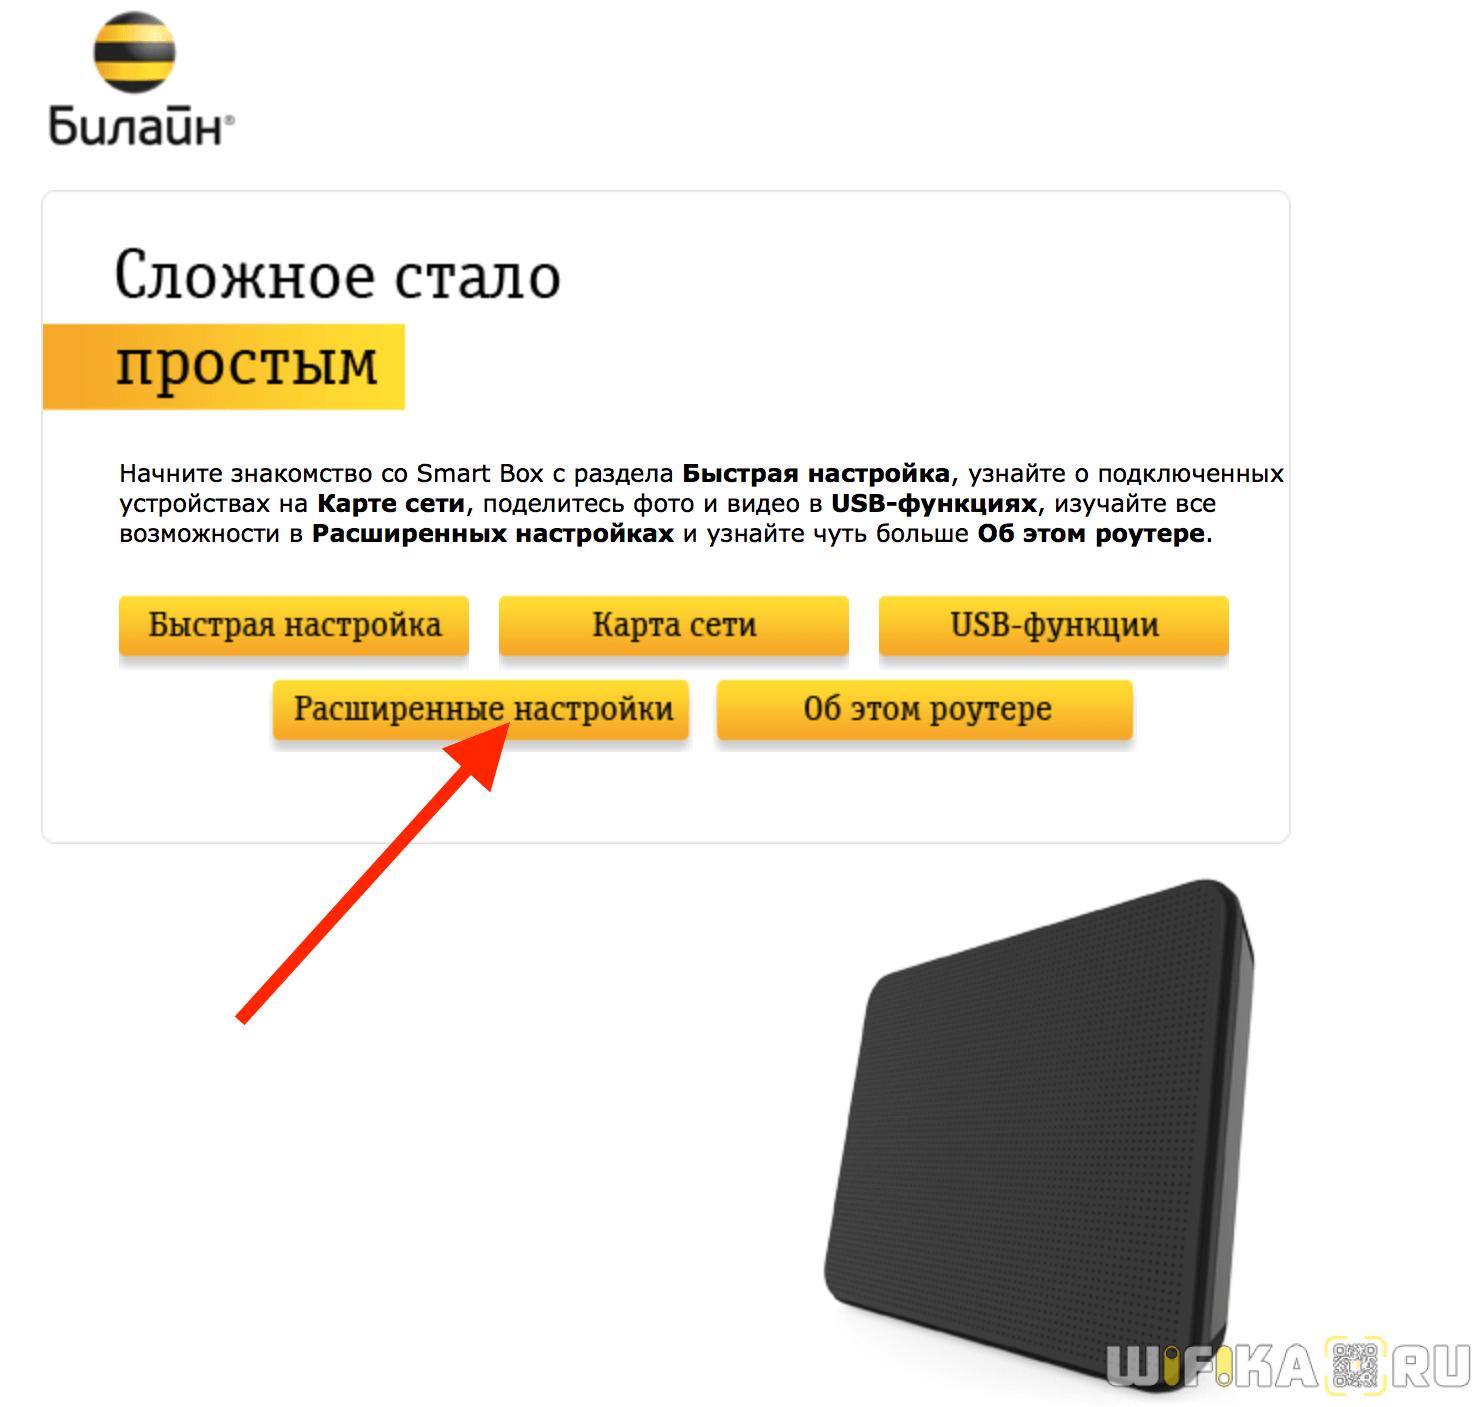 rasshirennye-nastroi-ki-routera-bilai-n.png